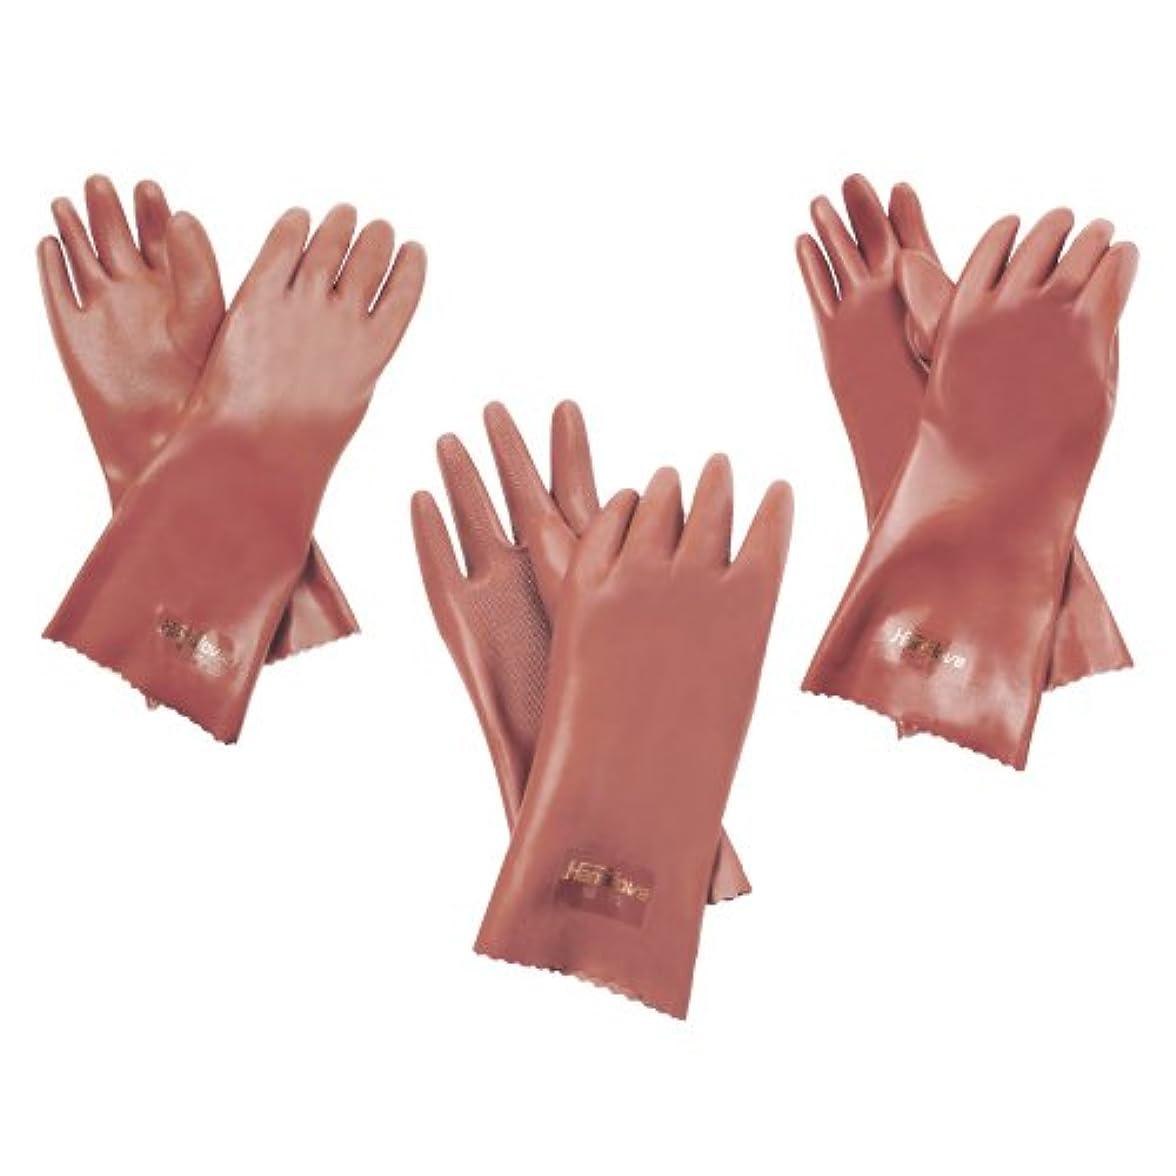 影響力のある喜んで通訳耐油手袋 ハナローブ NO.11-650??????????????(23-2947-04)